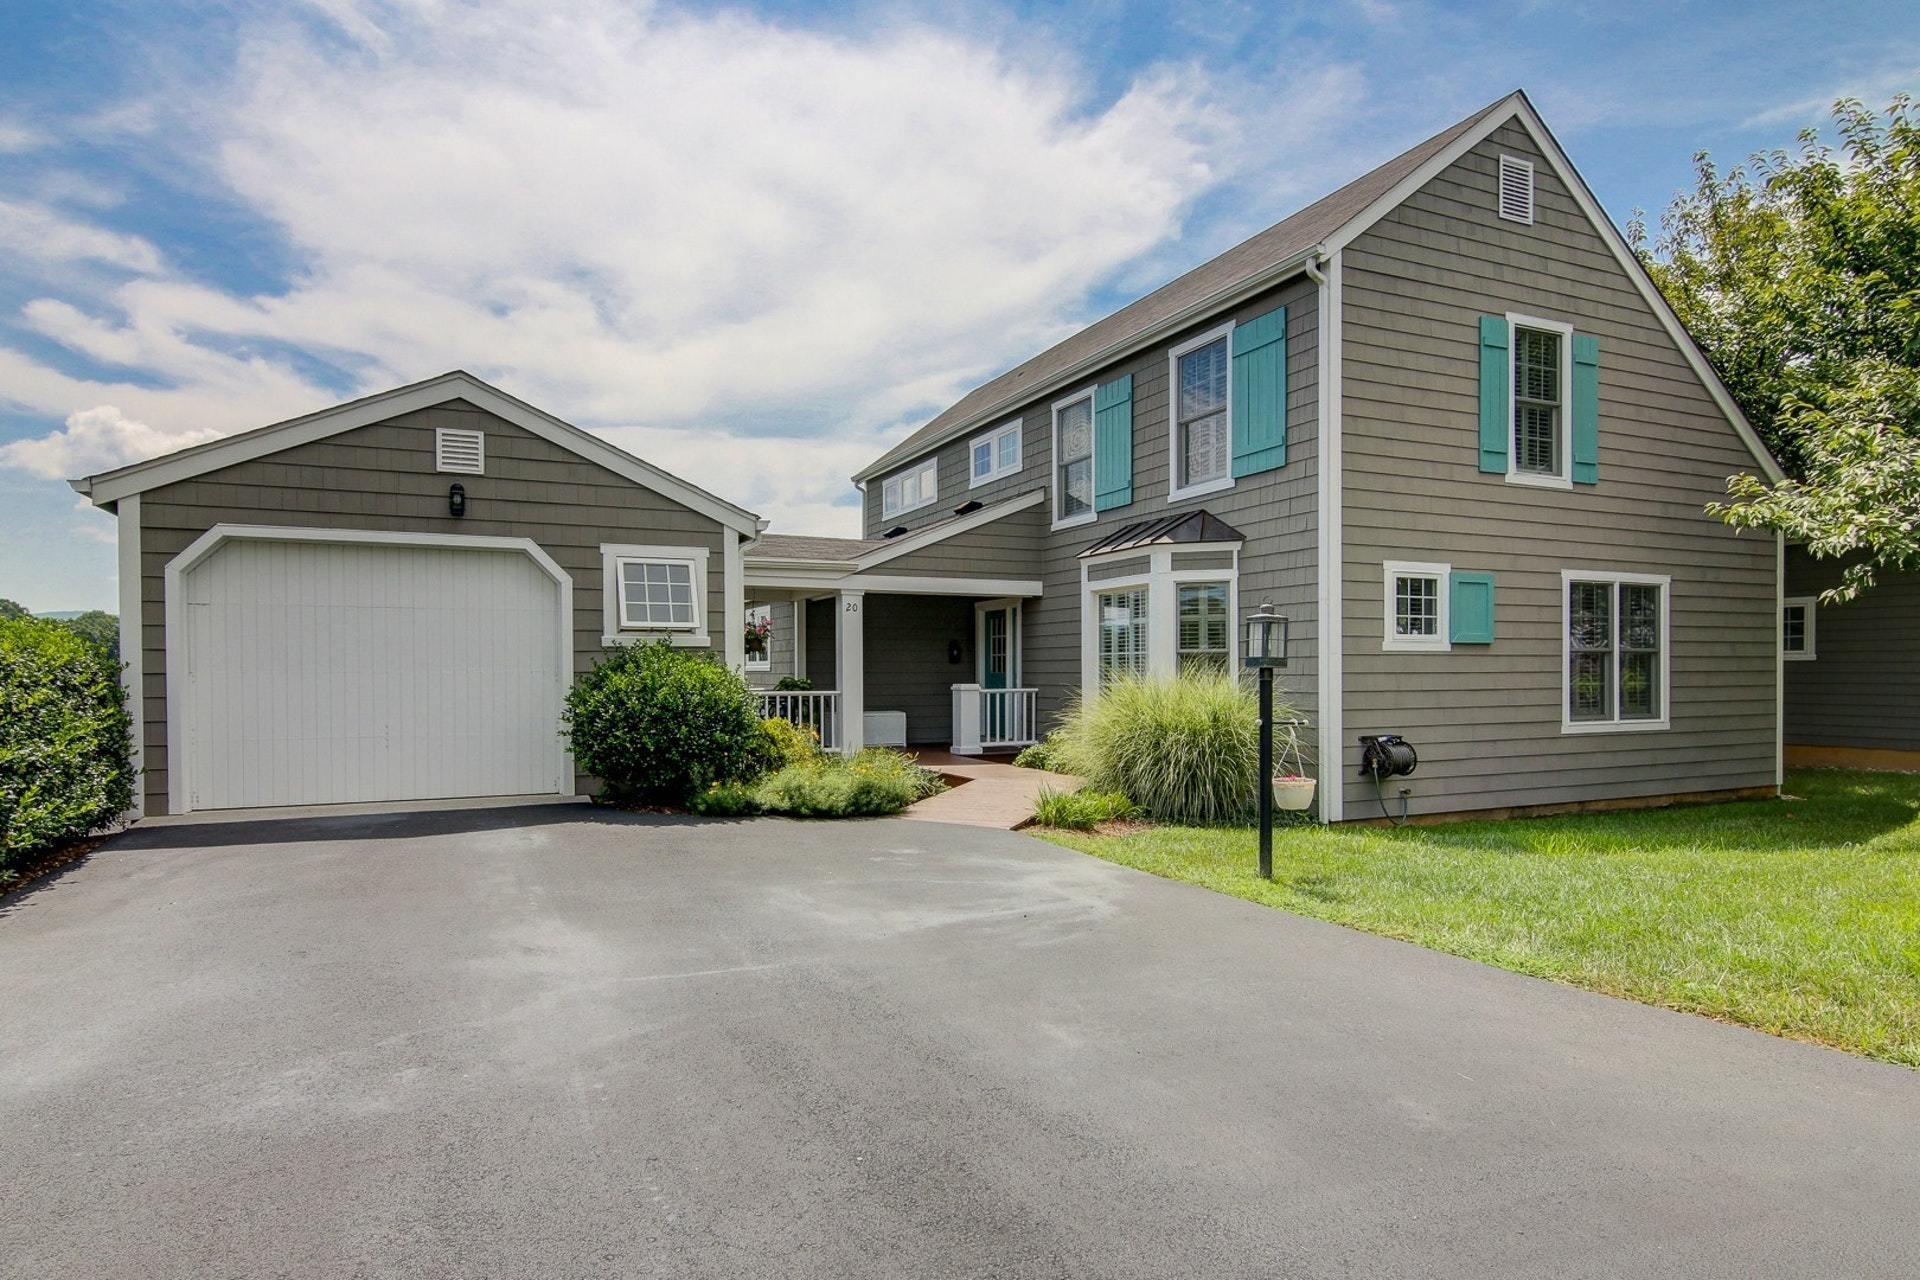 Photo of 20 Cottage LN Moneta VA 24121